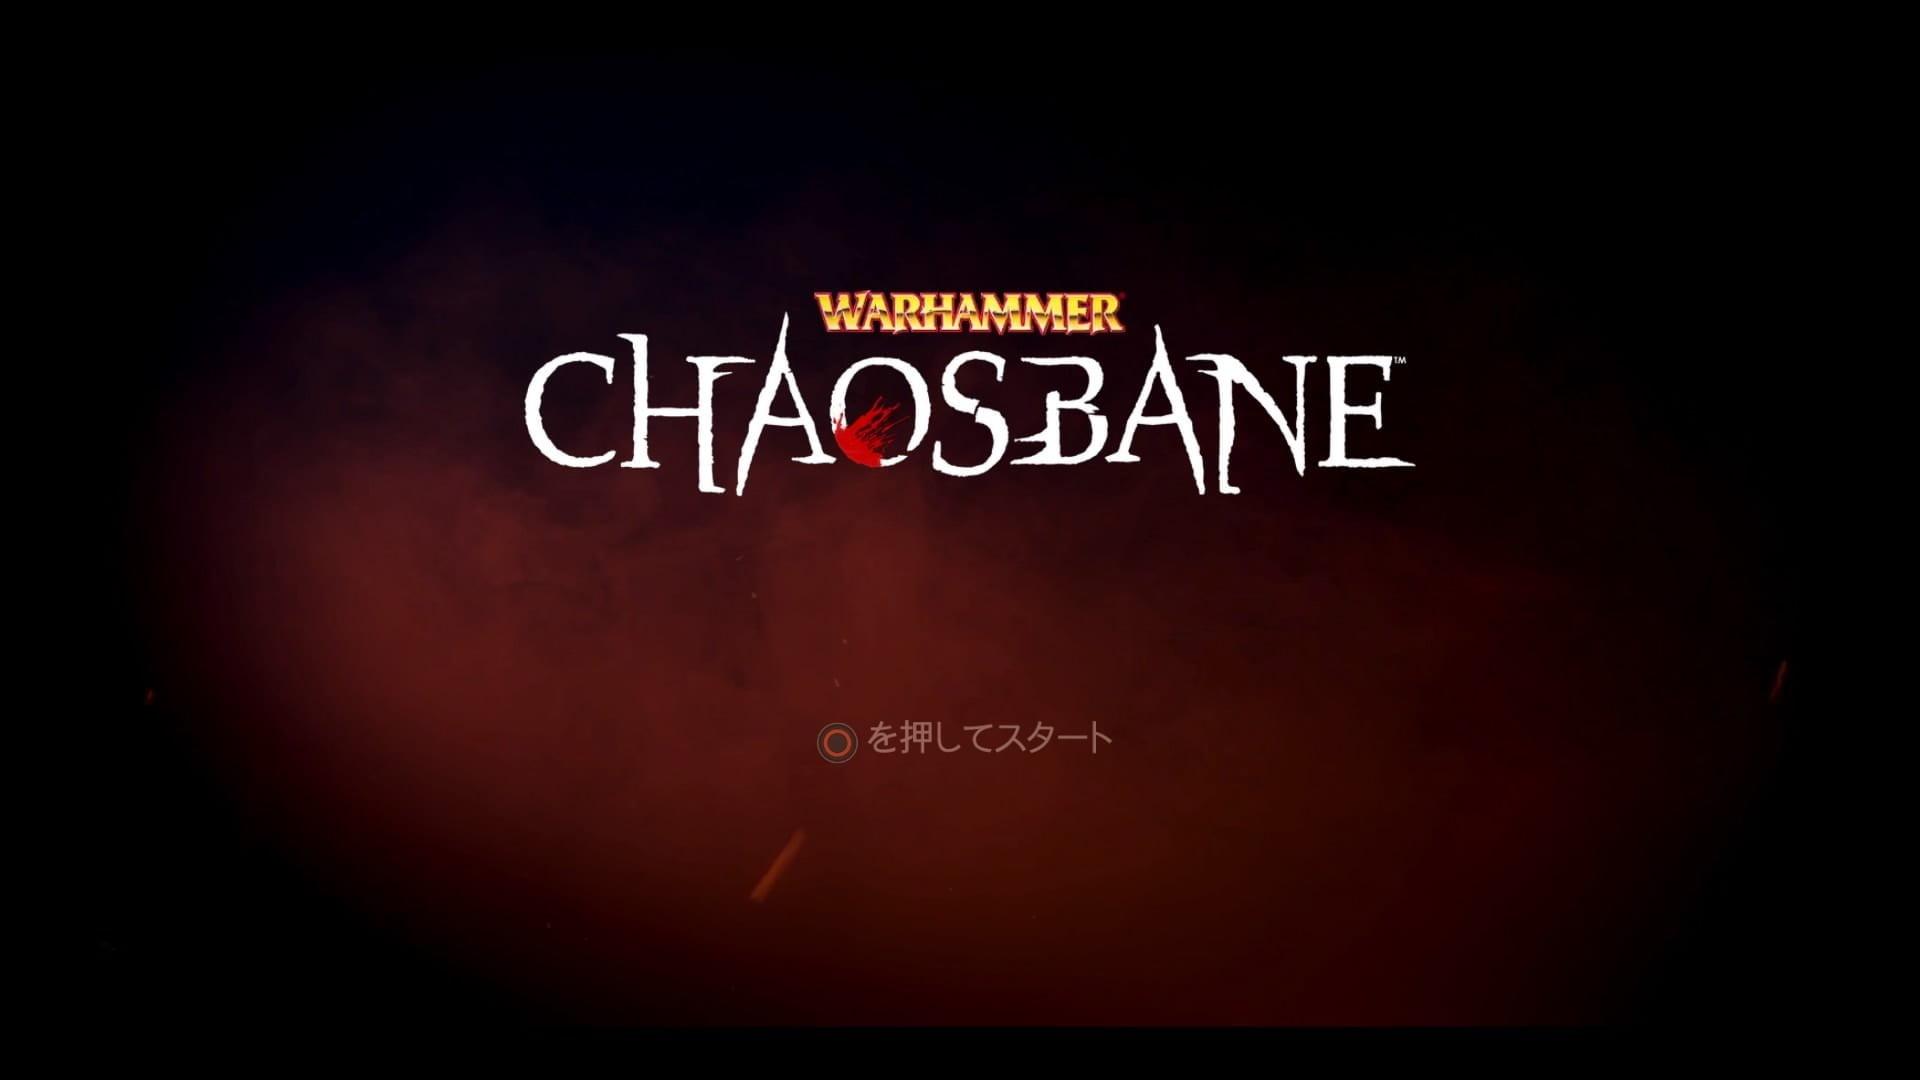 「ウォーハンマー:Chaosbane」のタイトル画面